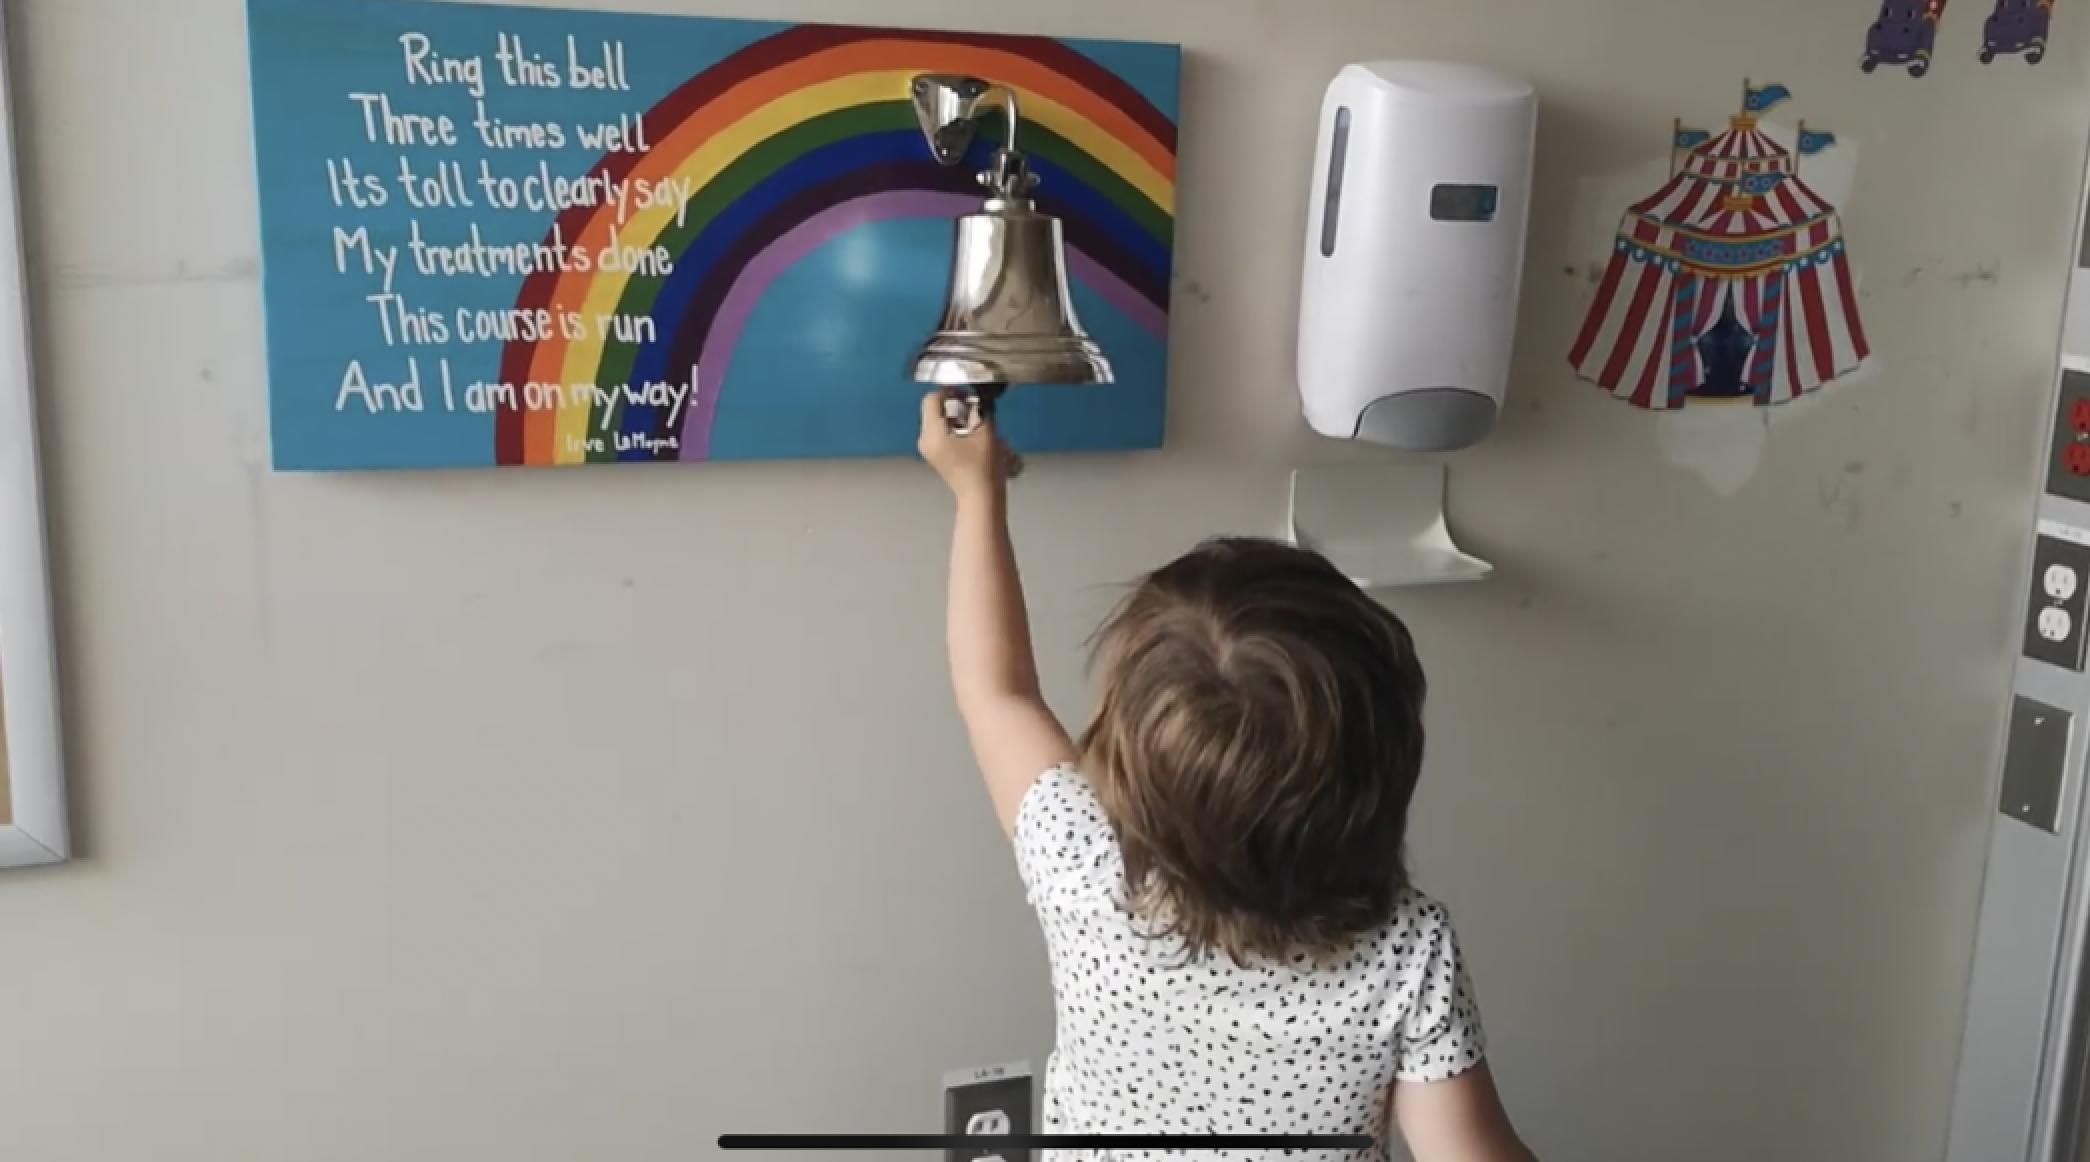 Harper ringing the bell